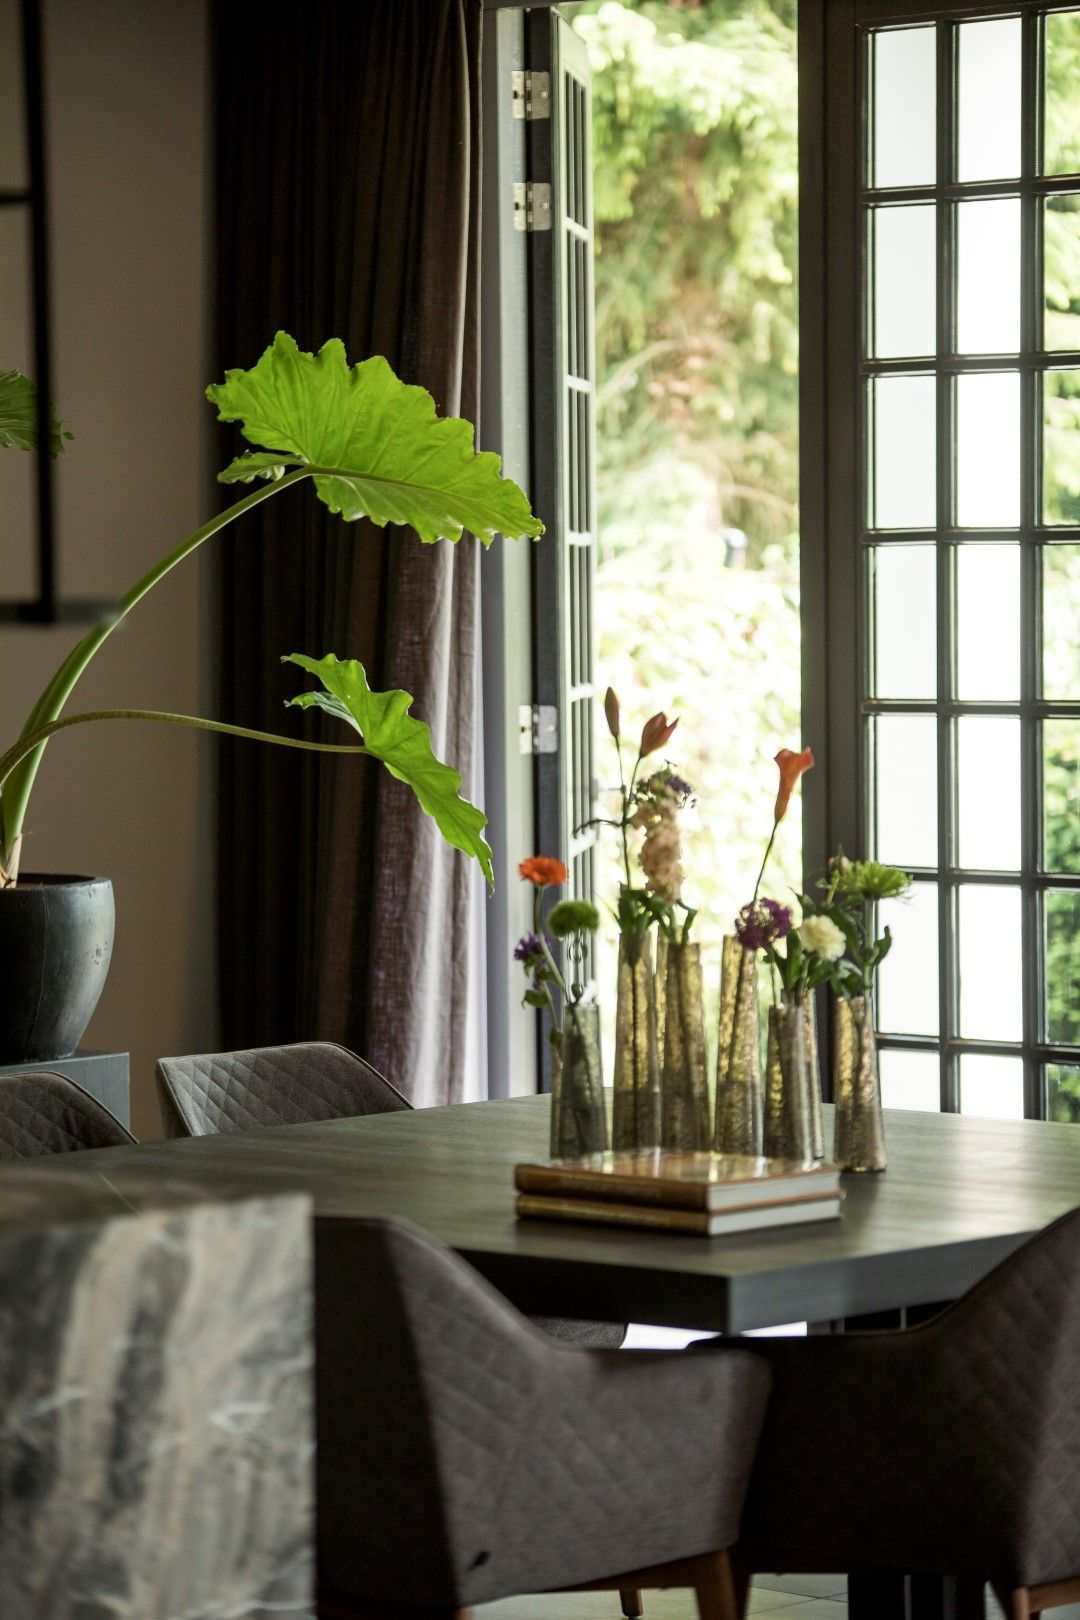 Eetkamer Met Vierkante Tafel.Eetkamer Met Grote Vierkante Tafel Eetkamer Home Decor Glass